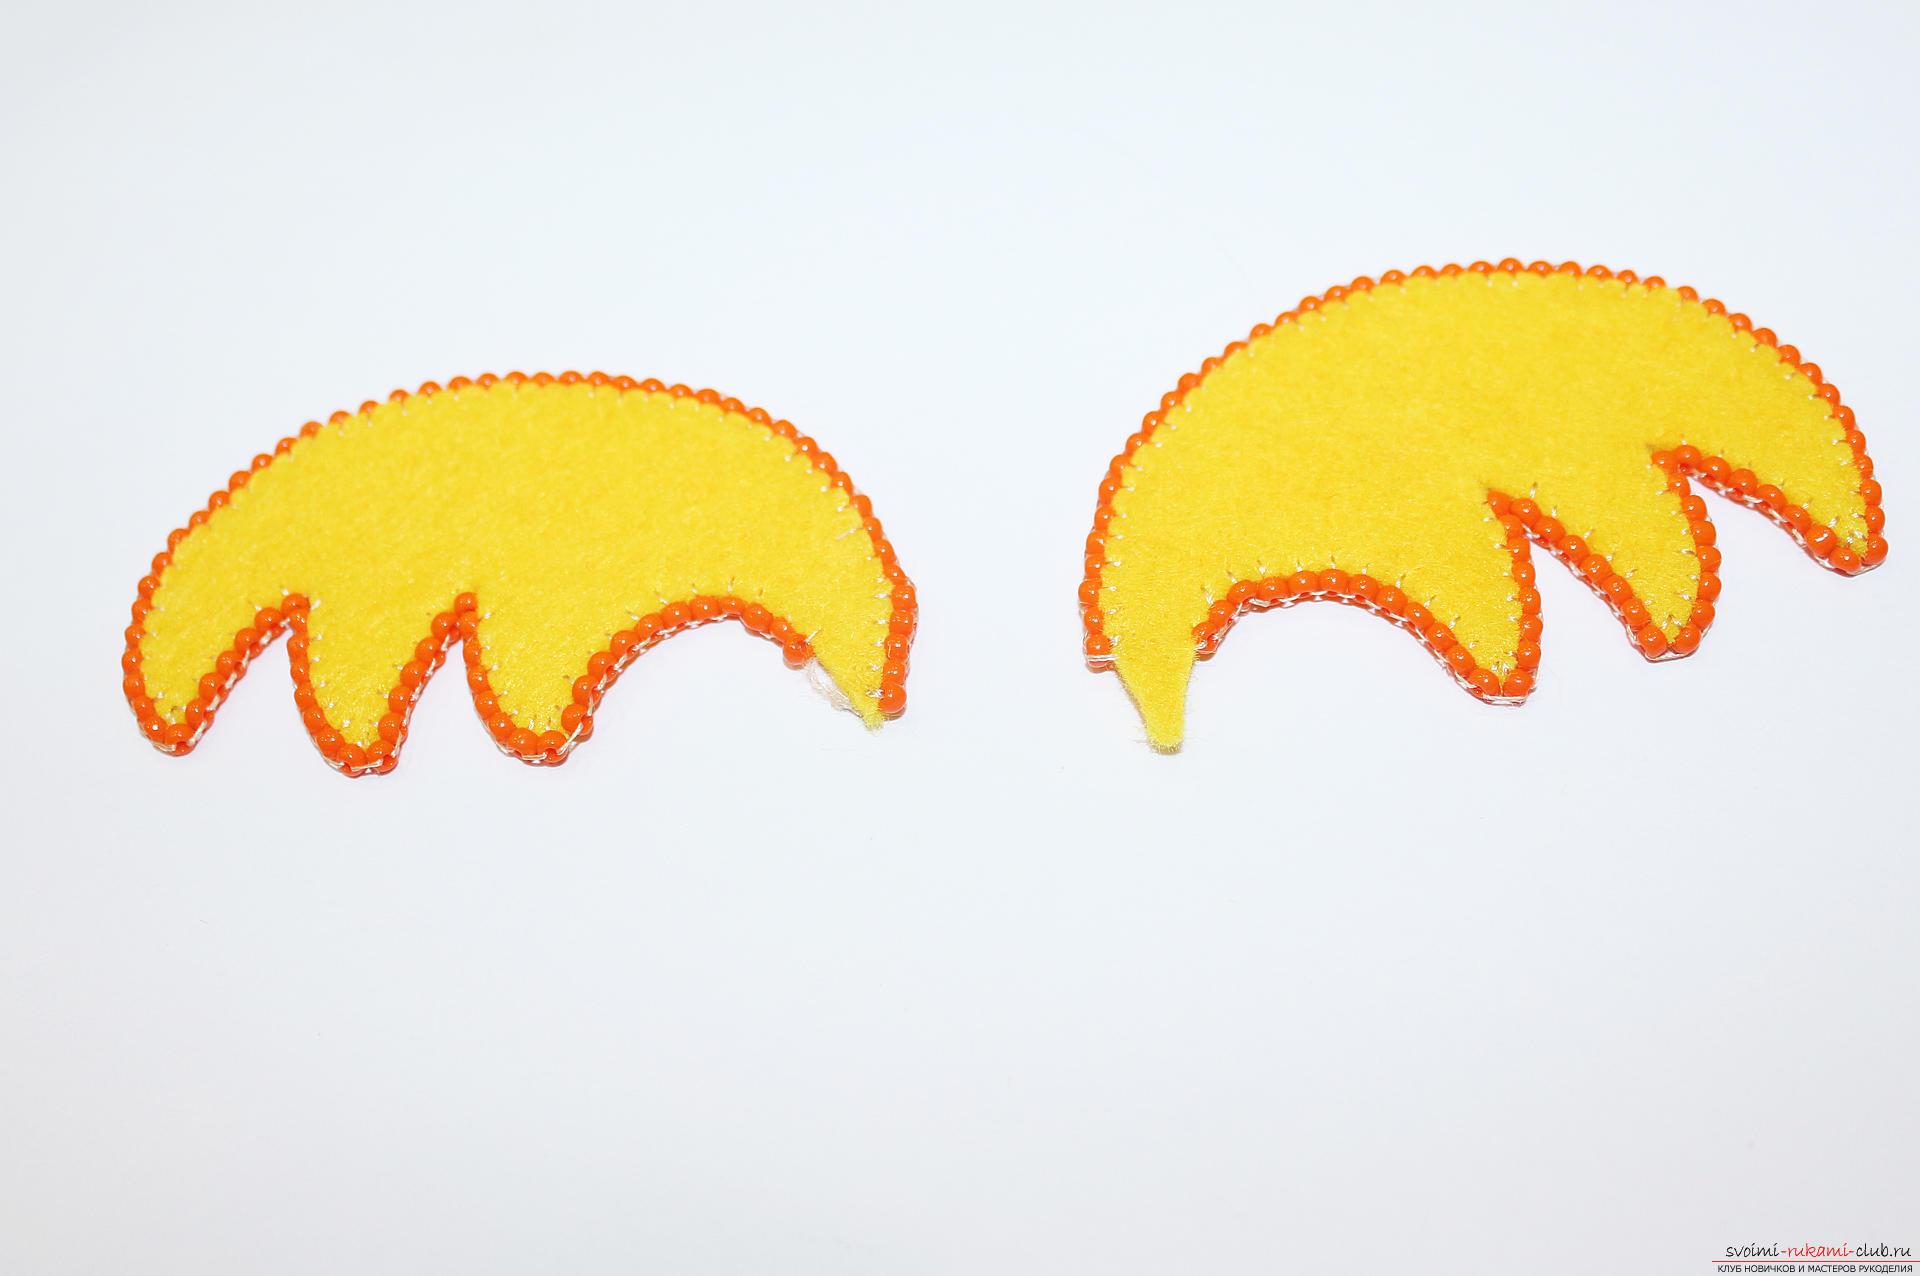 Этот подробный мастер-класс с фото и описанием научит как создать своими руками символ 2017 года - игрушку петуха